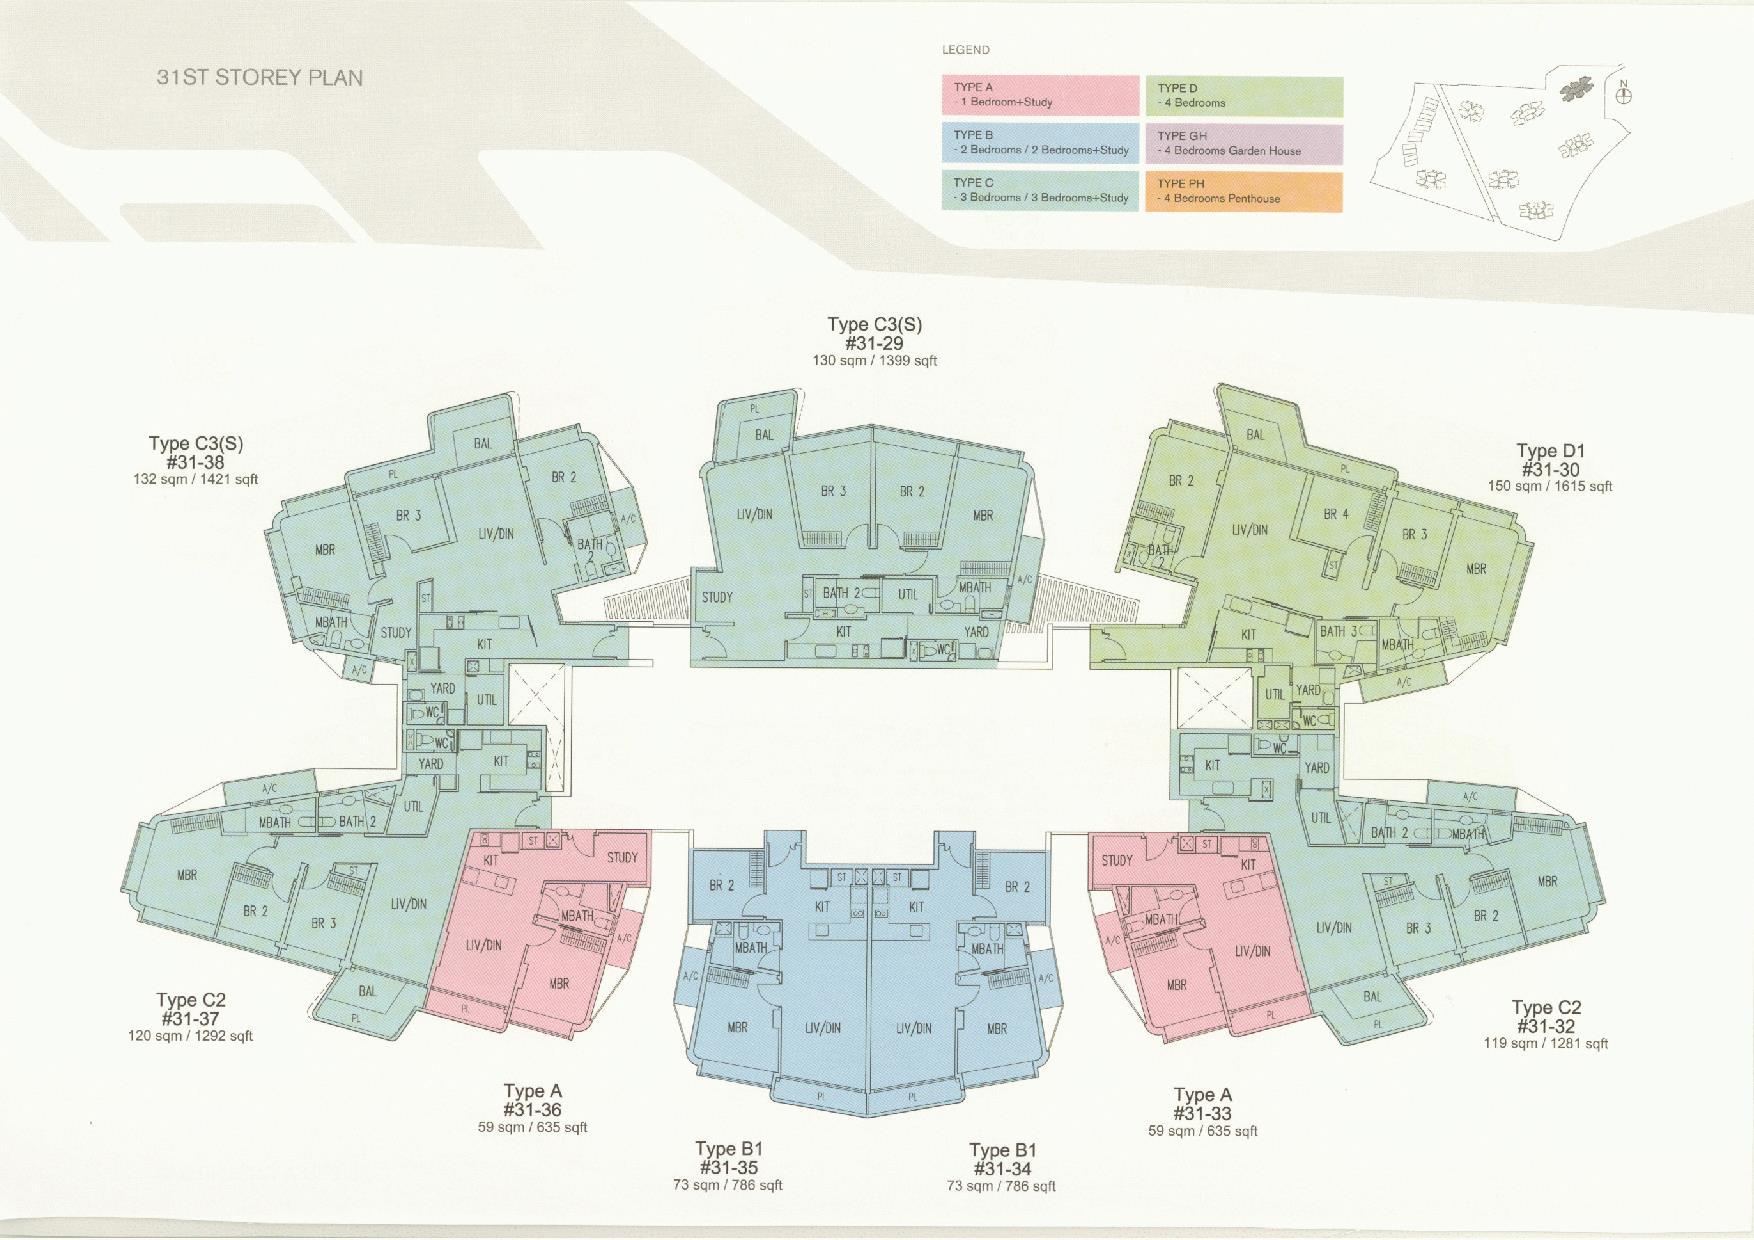 D'Leedon Block 11 31st Storey Floor Plans